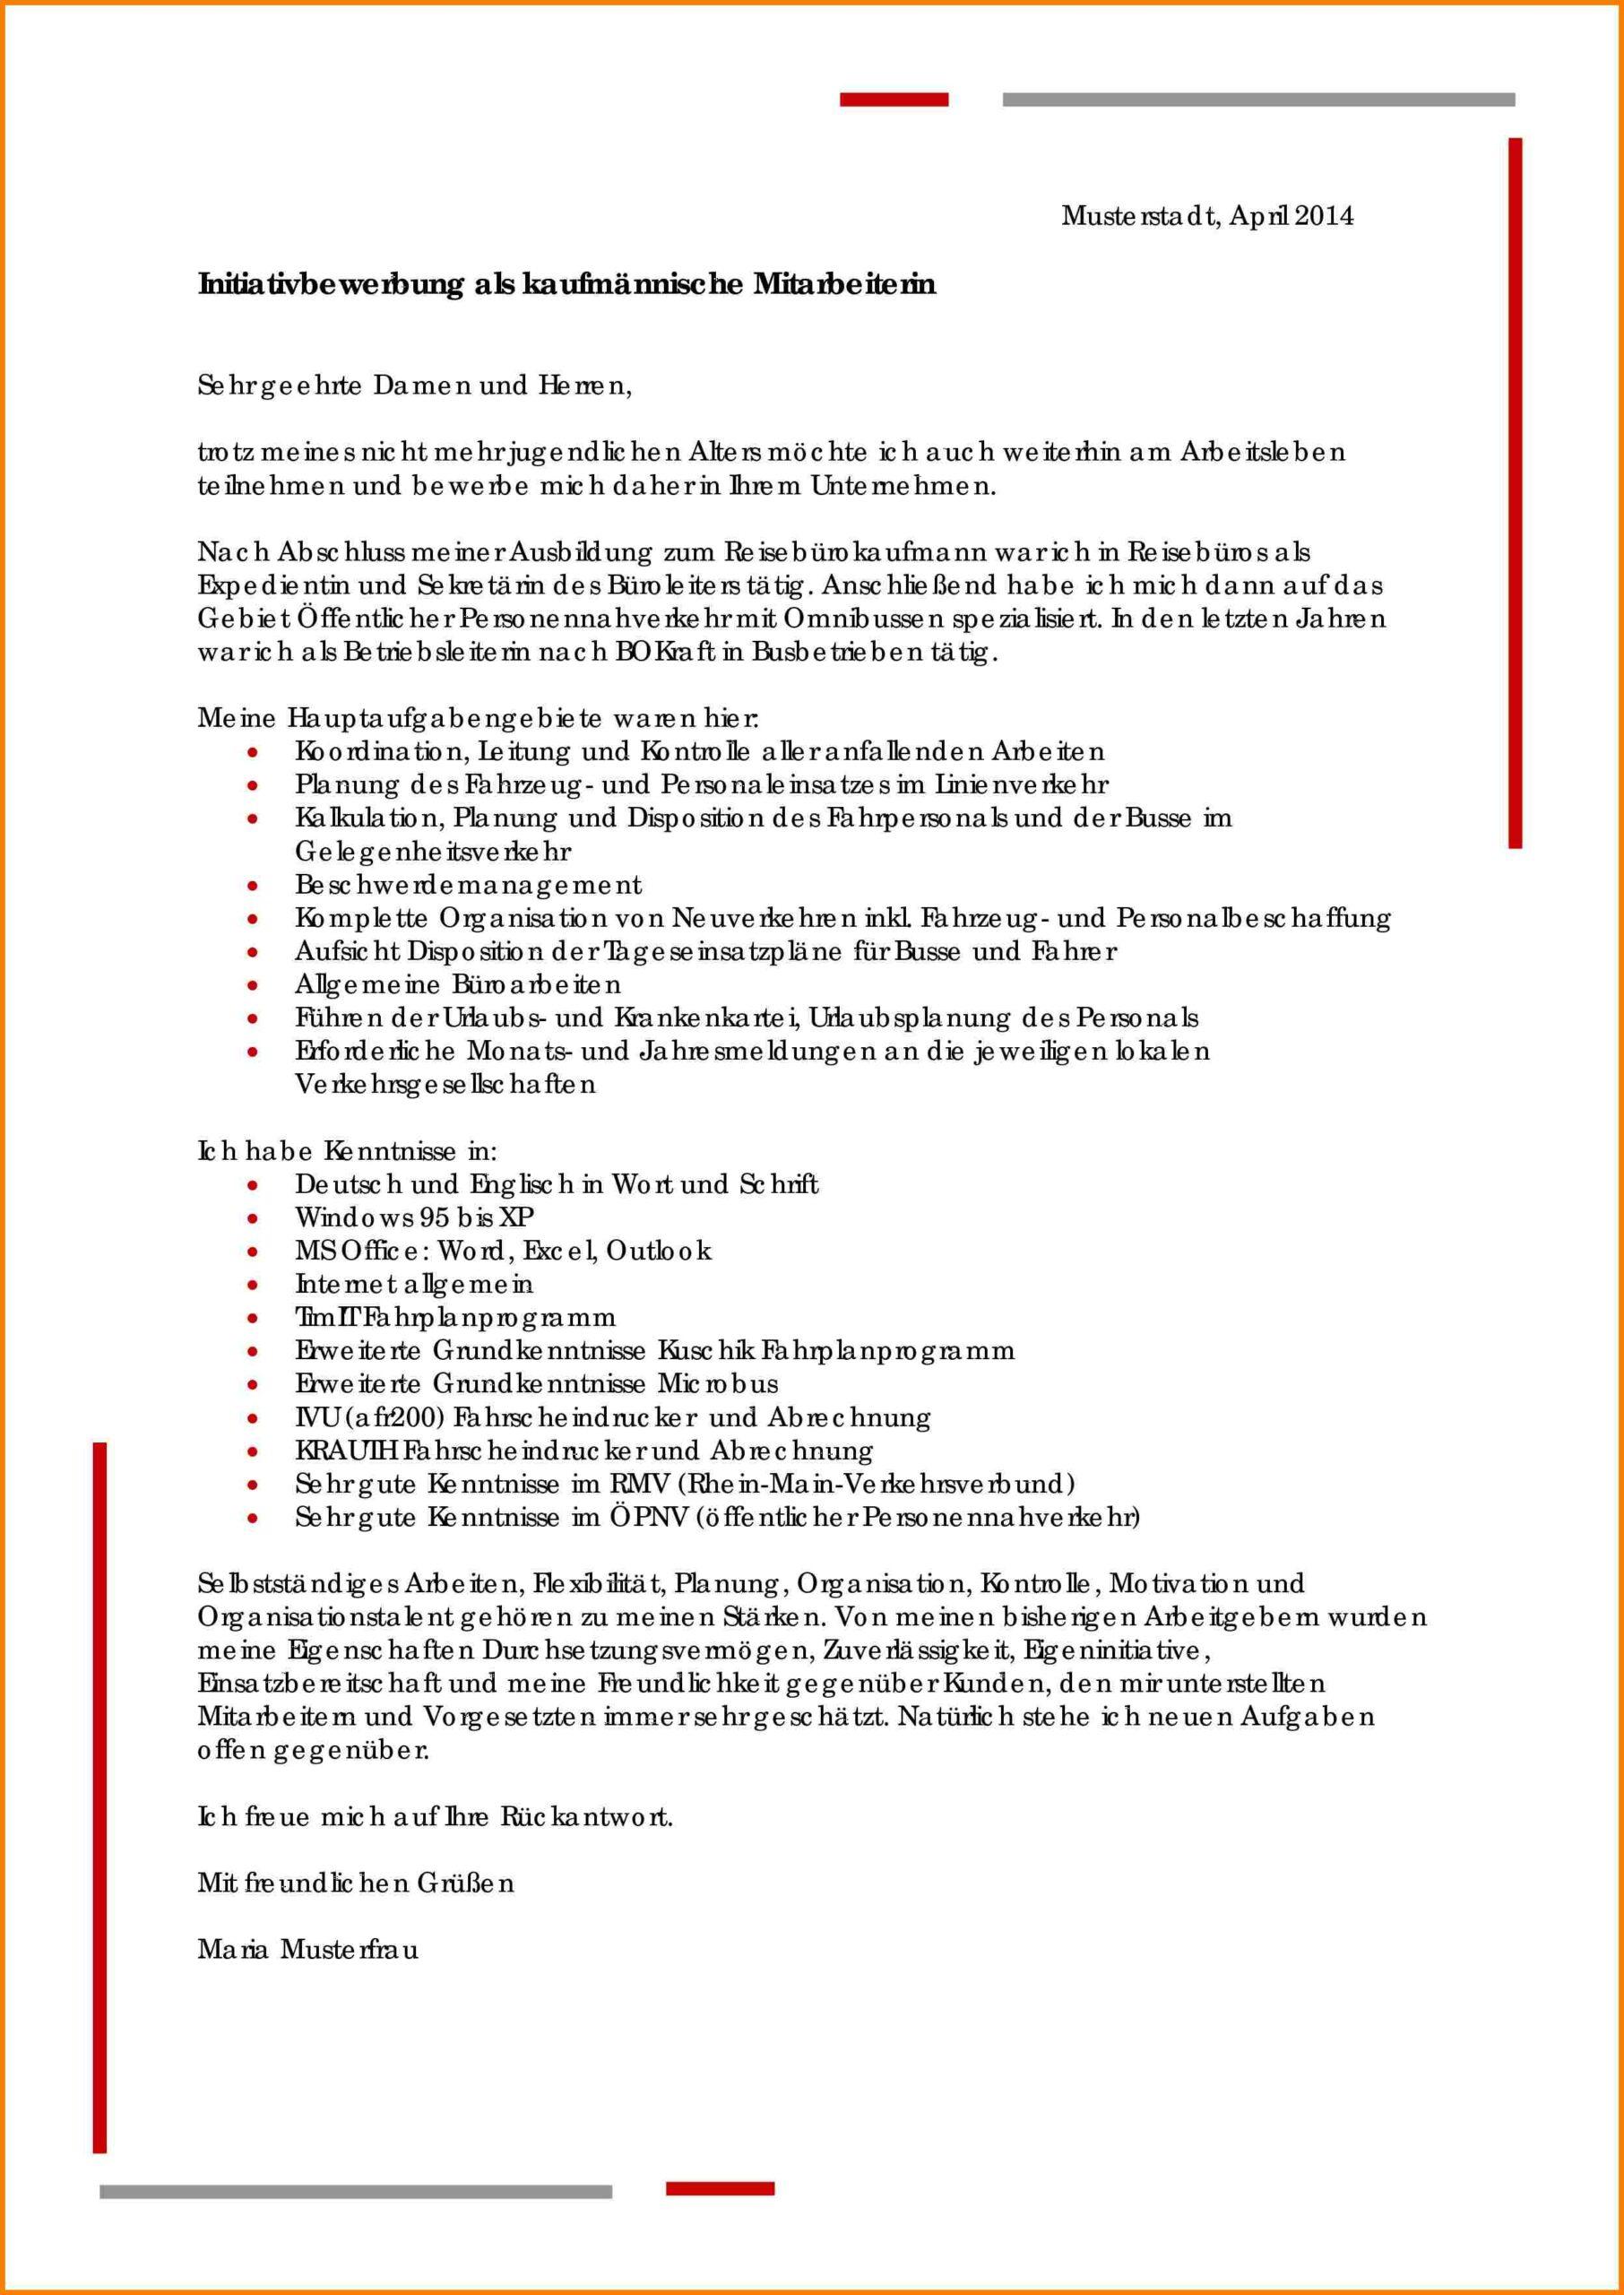 Liebesbrief Muster - kinderbilder.download | kinderbilder